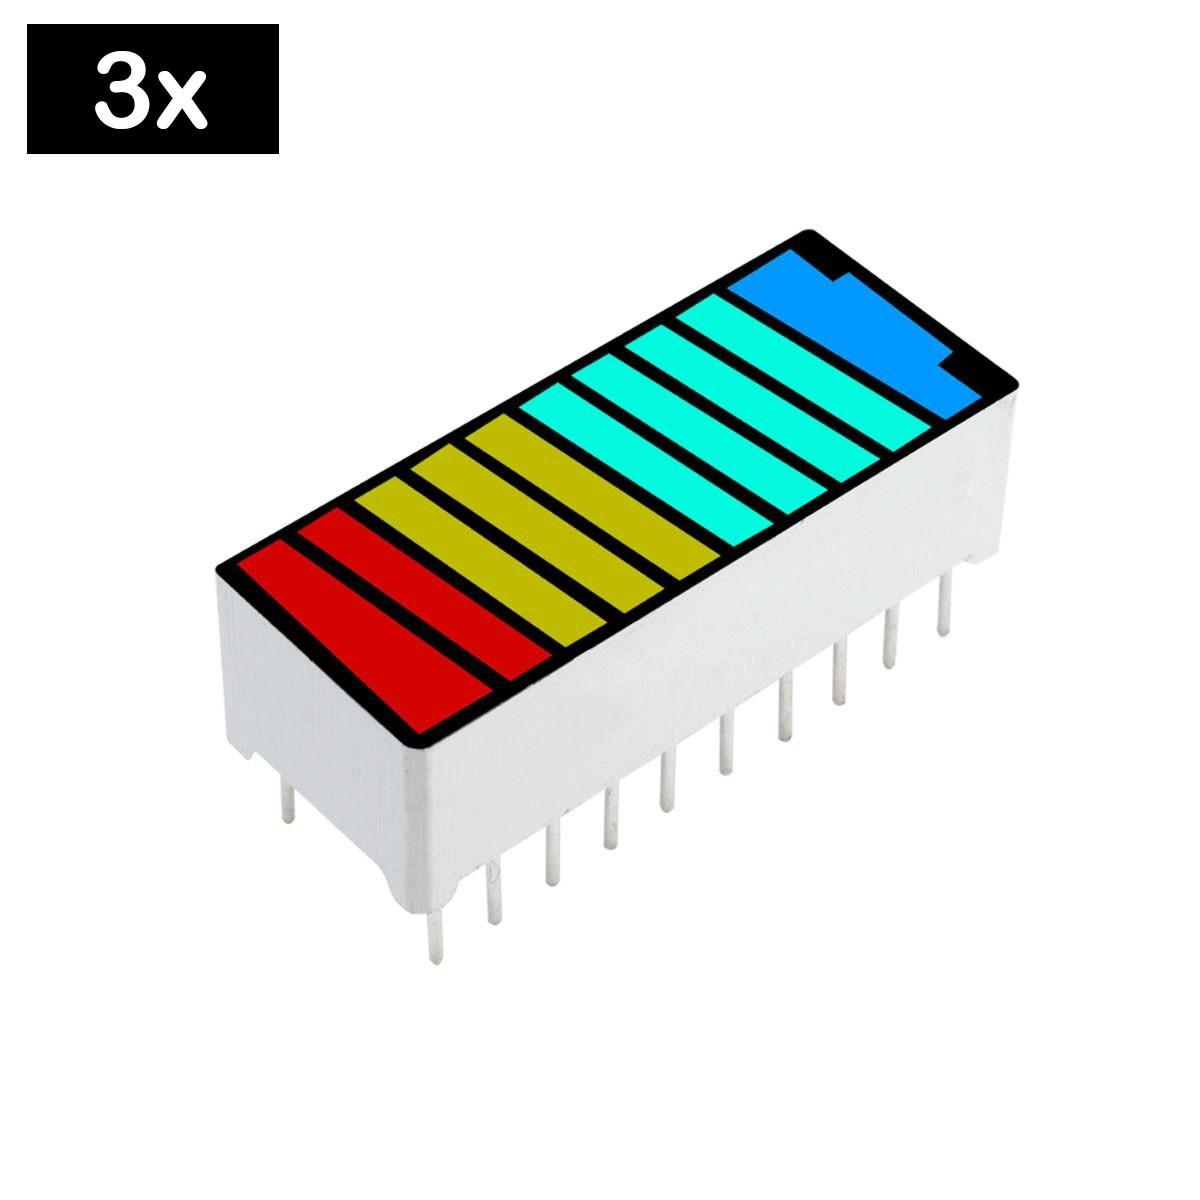 3x Display Bar Graph / Barra de Progresso com 4 cores 10 segmentos - Desenho Bateria